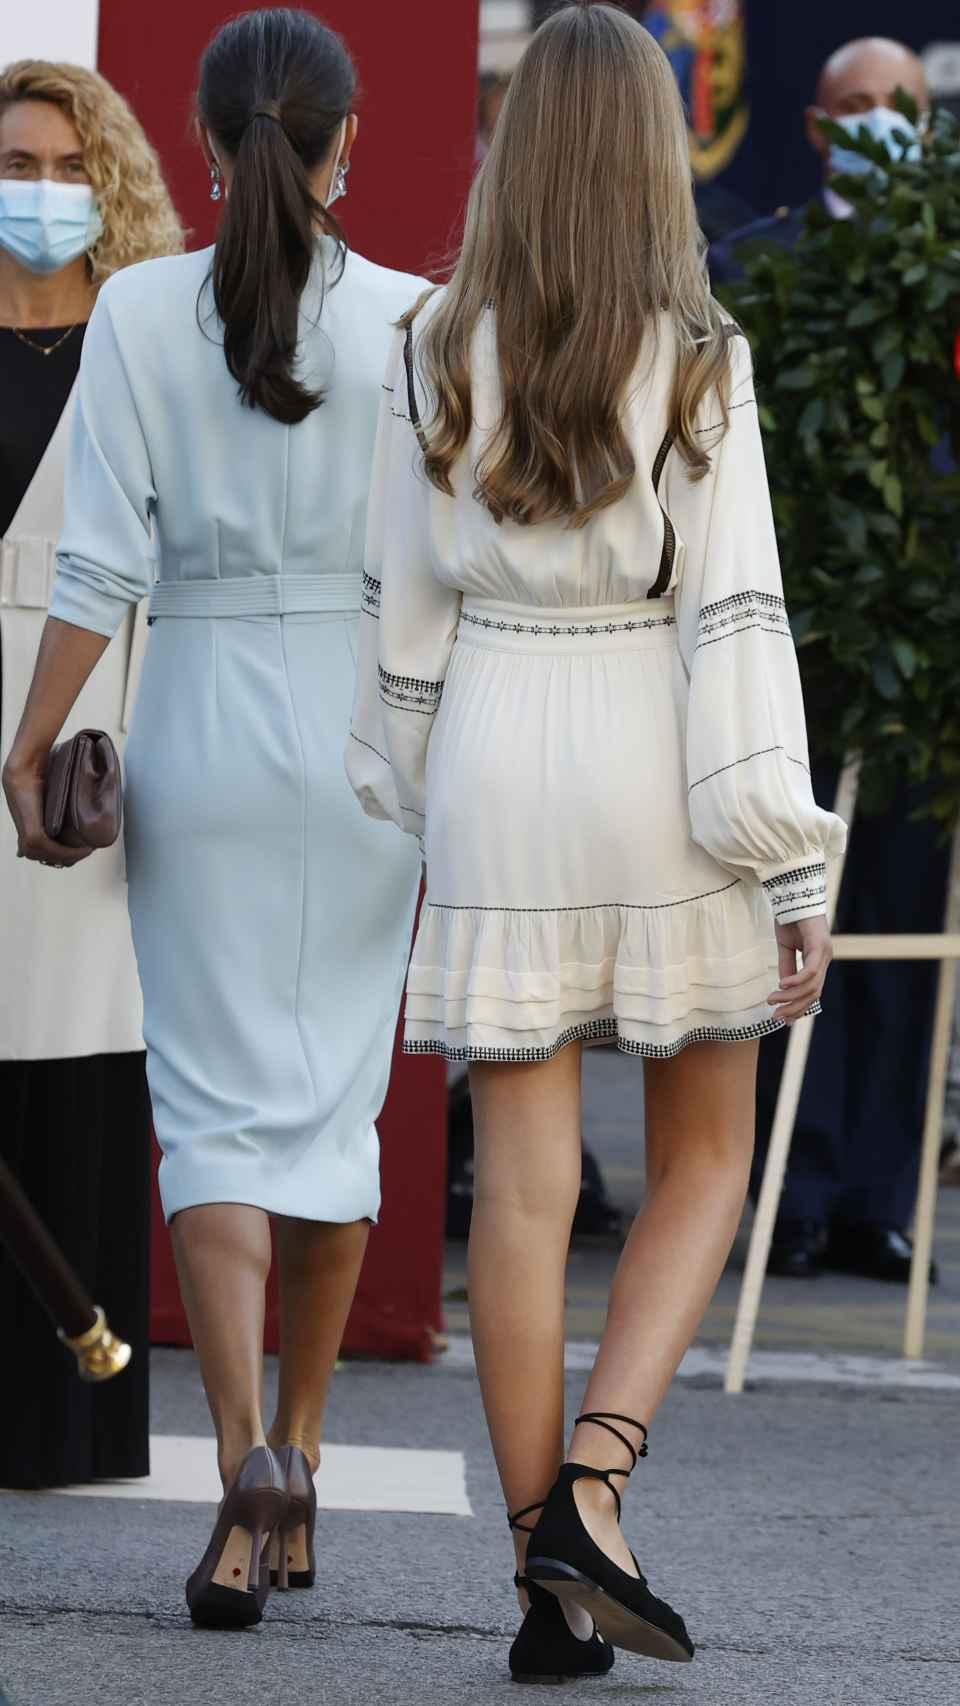 La infanta Sofía ha llevado el modelo Iggy de Bobo's.